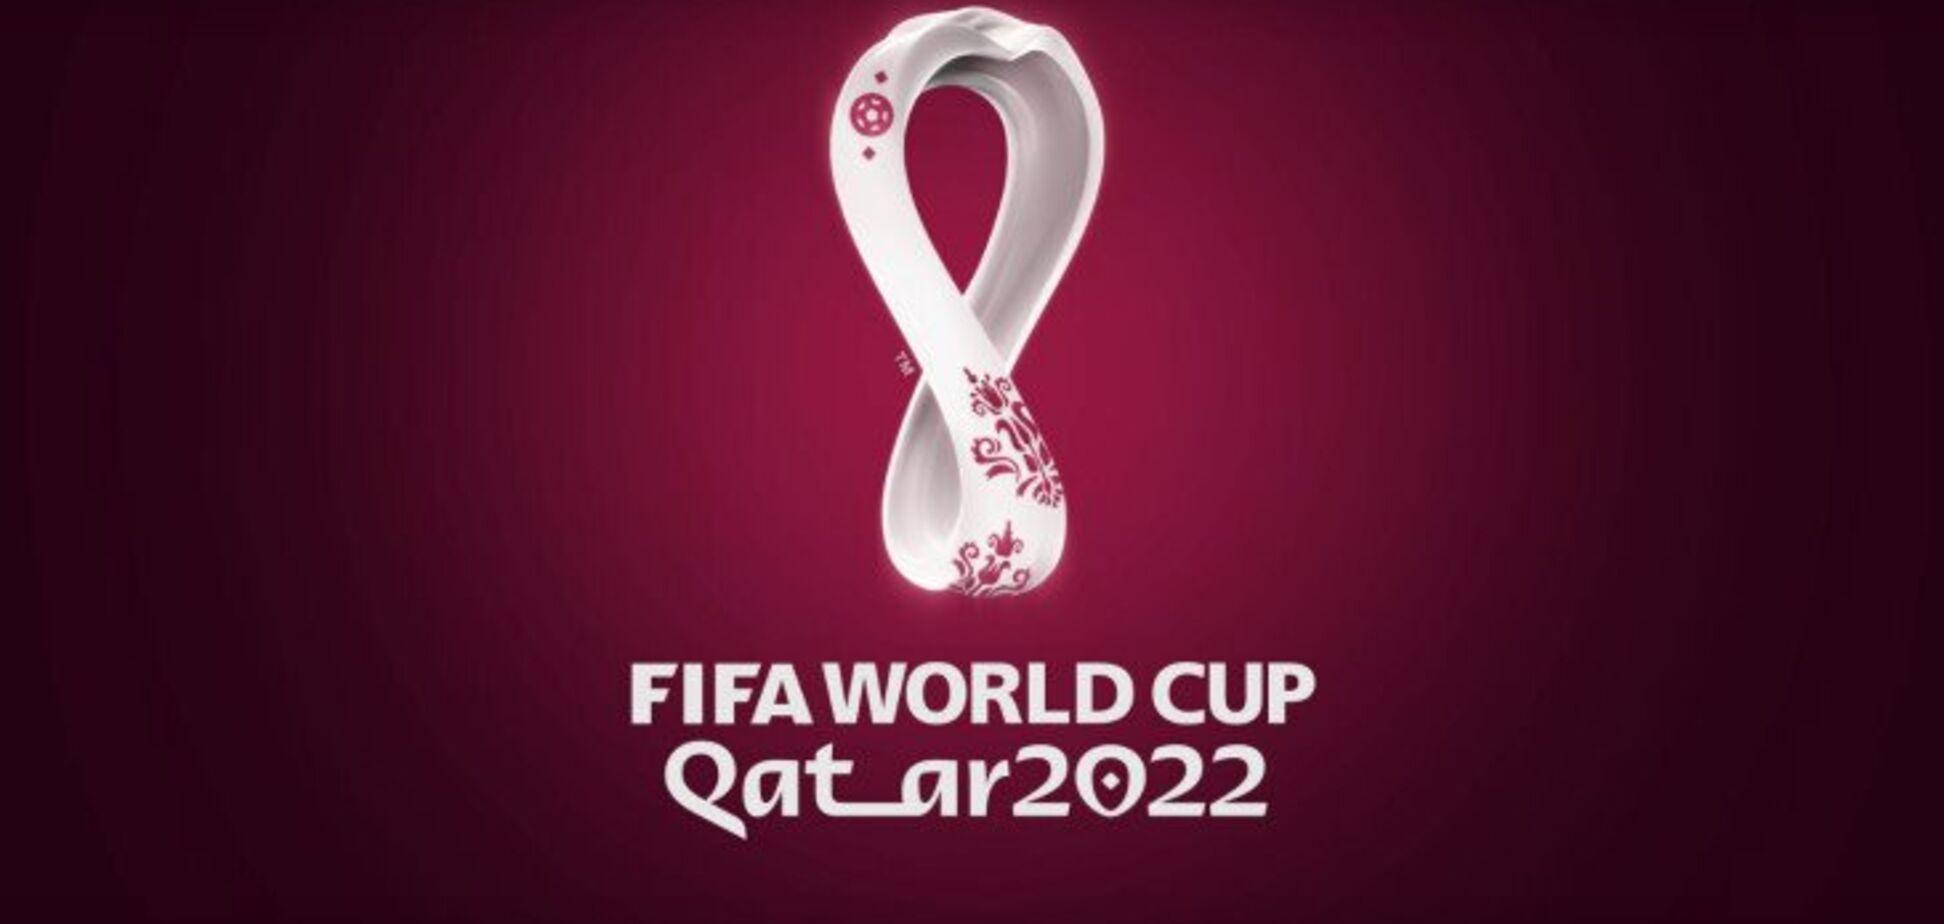 Чемпіонат світу з футболу 2022 року